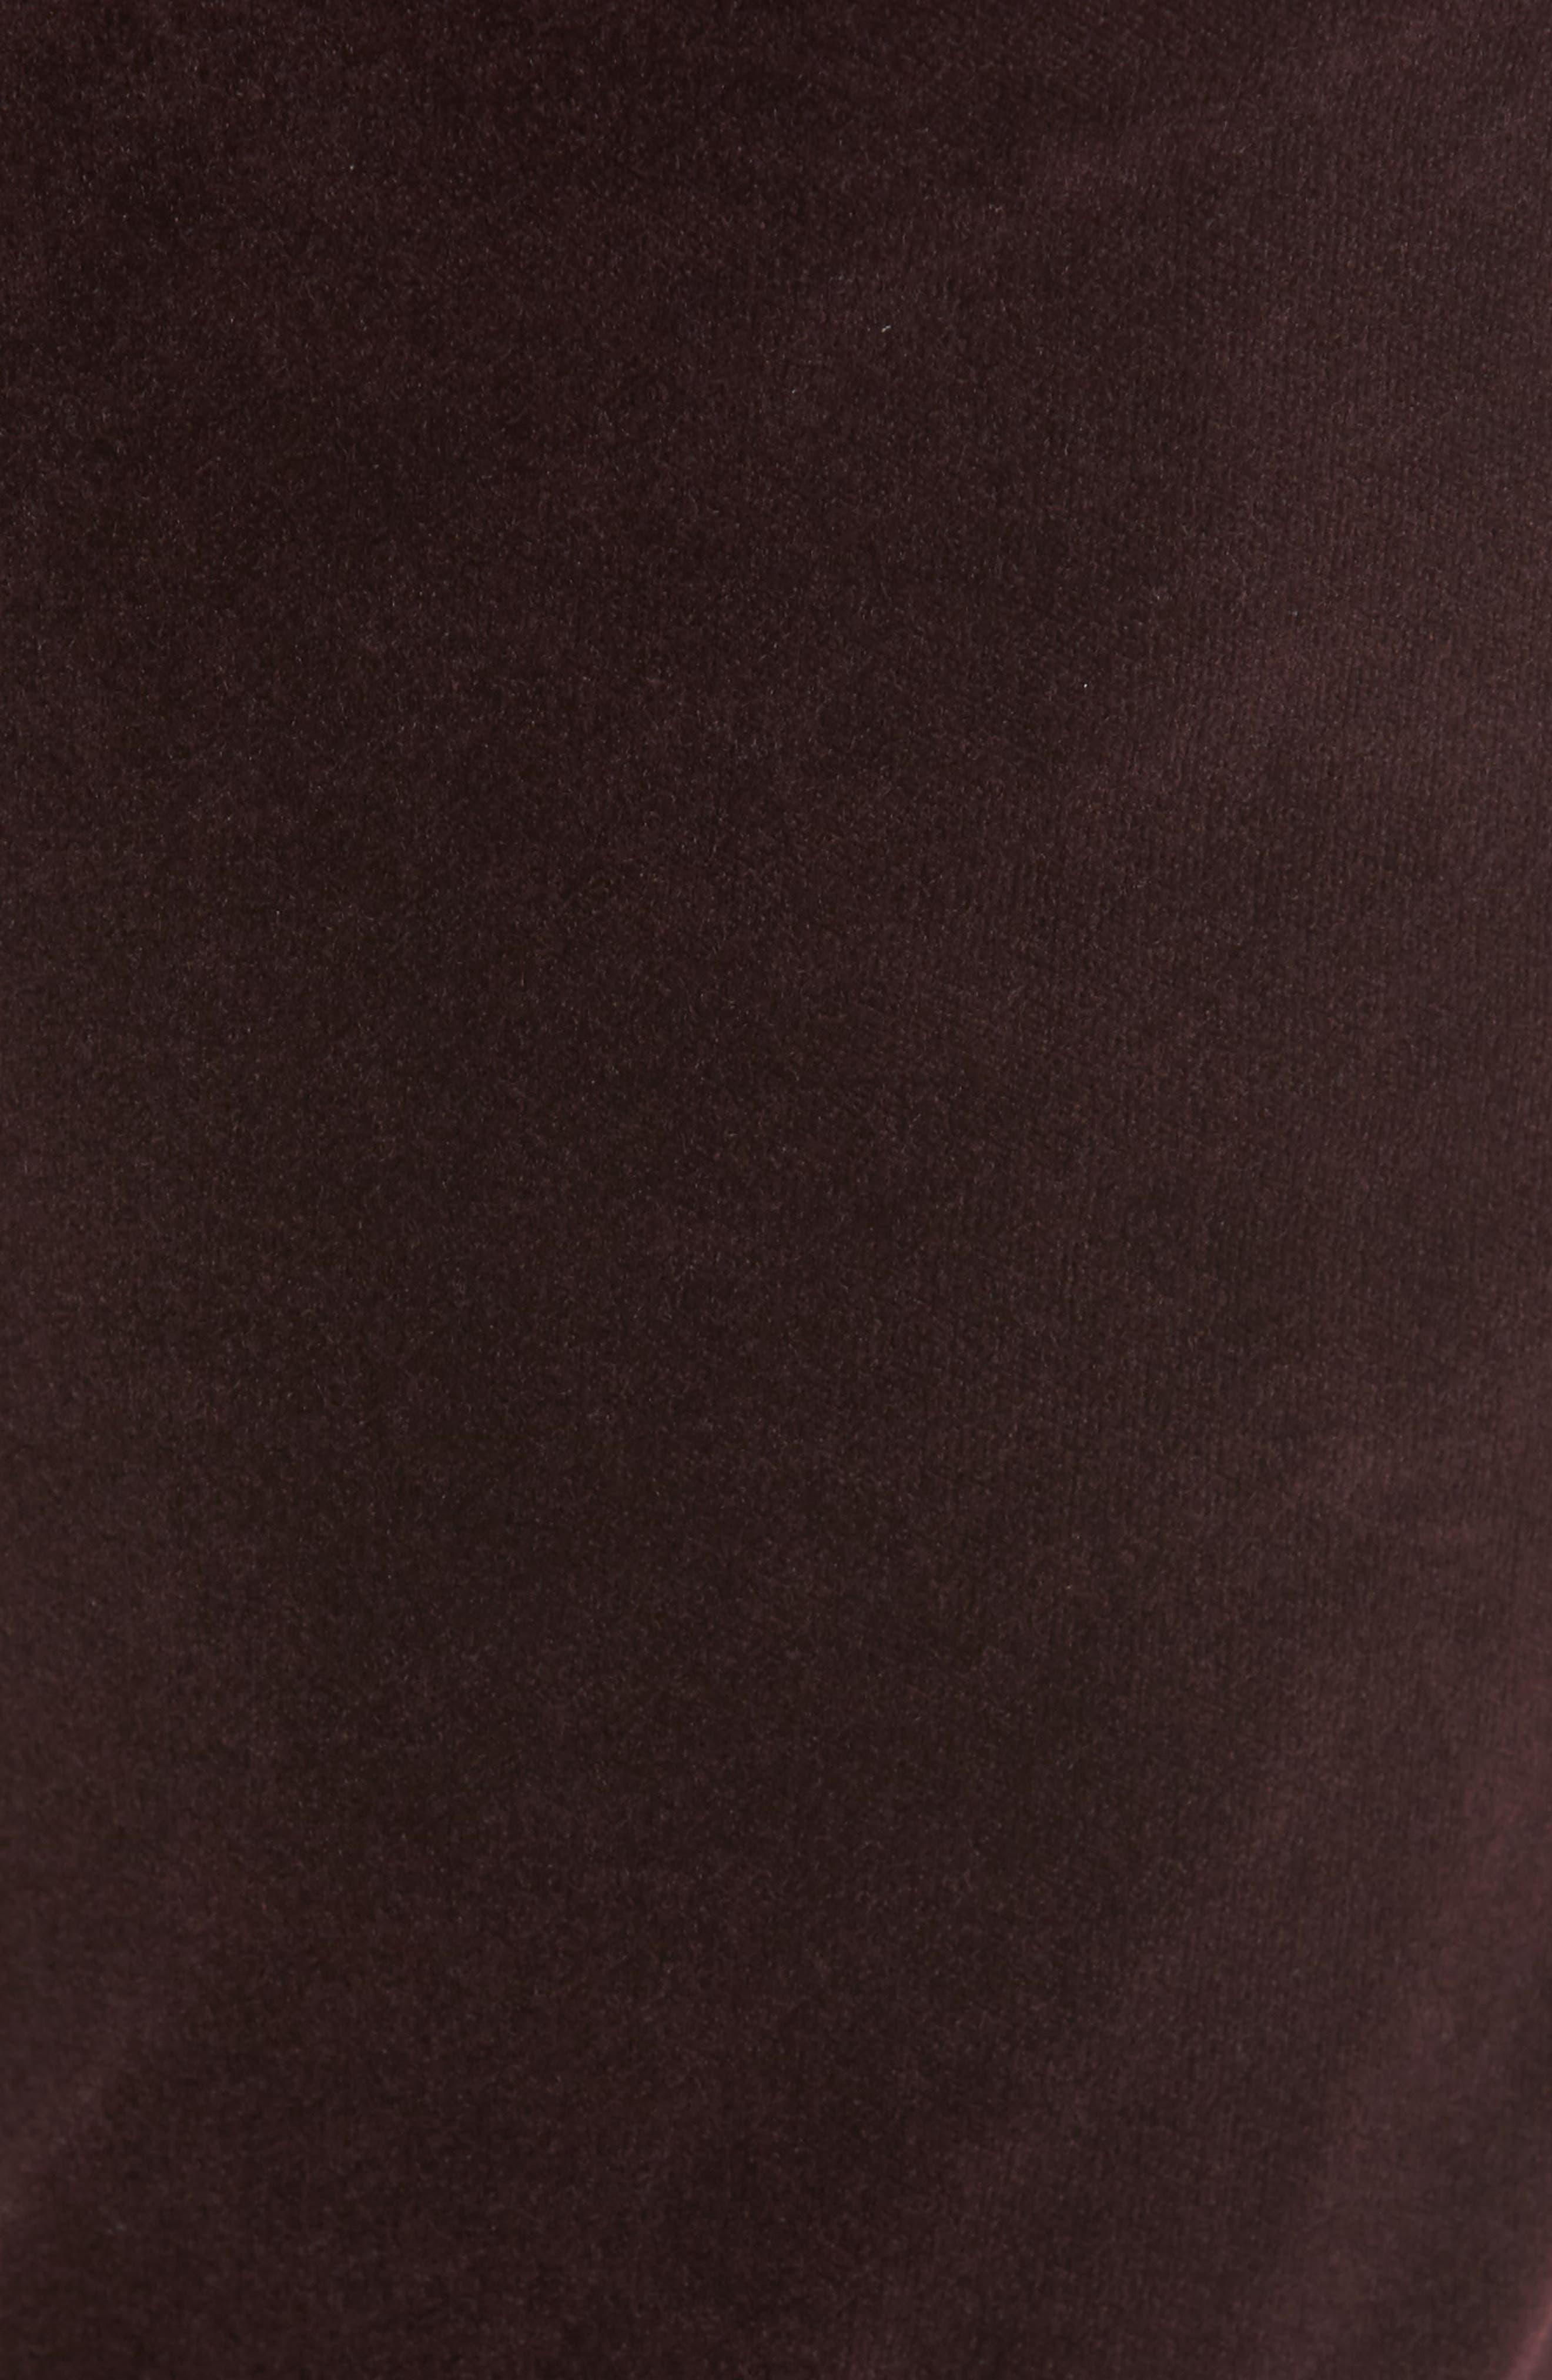 Rocket High Waist Velveteen Skinny Pants,                             Alternate thumbnail 5, color,                             Black Currant Velvet